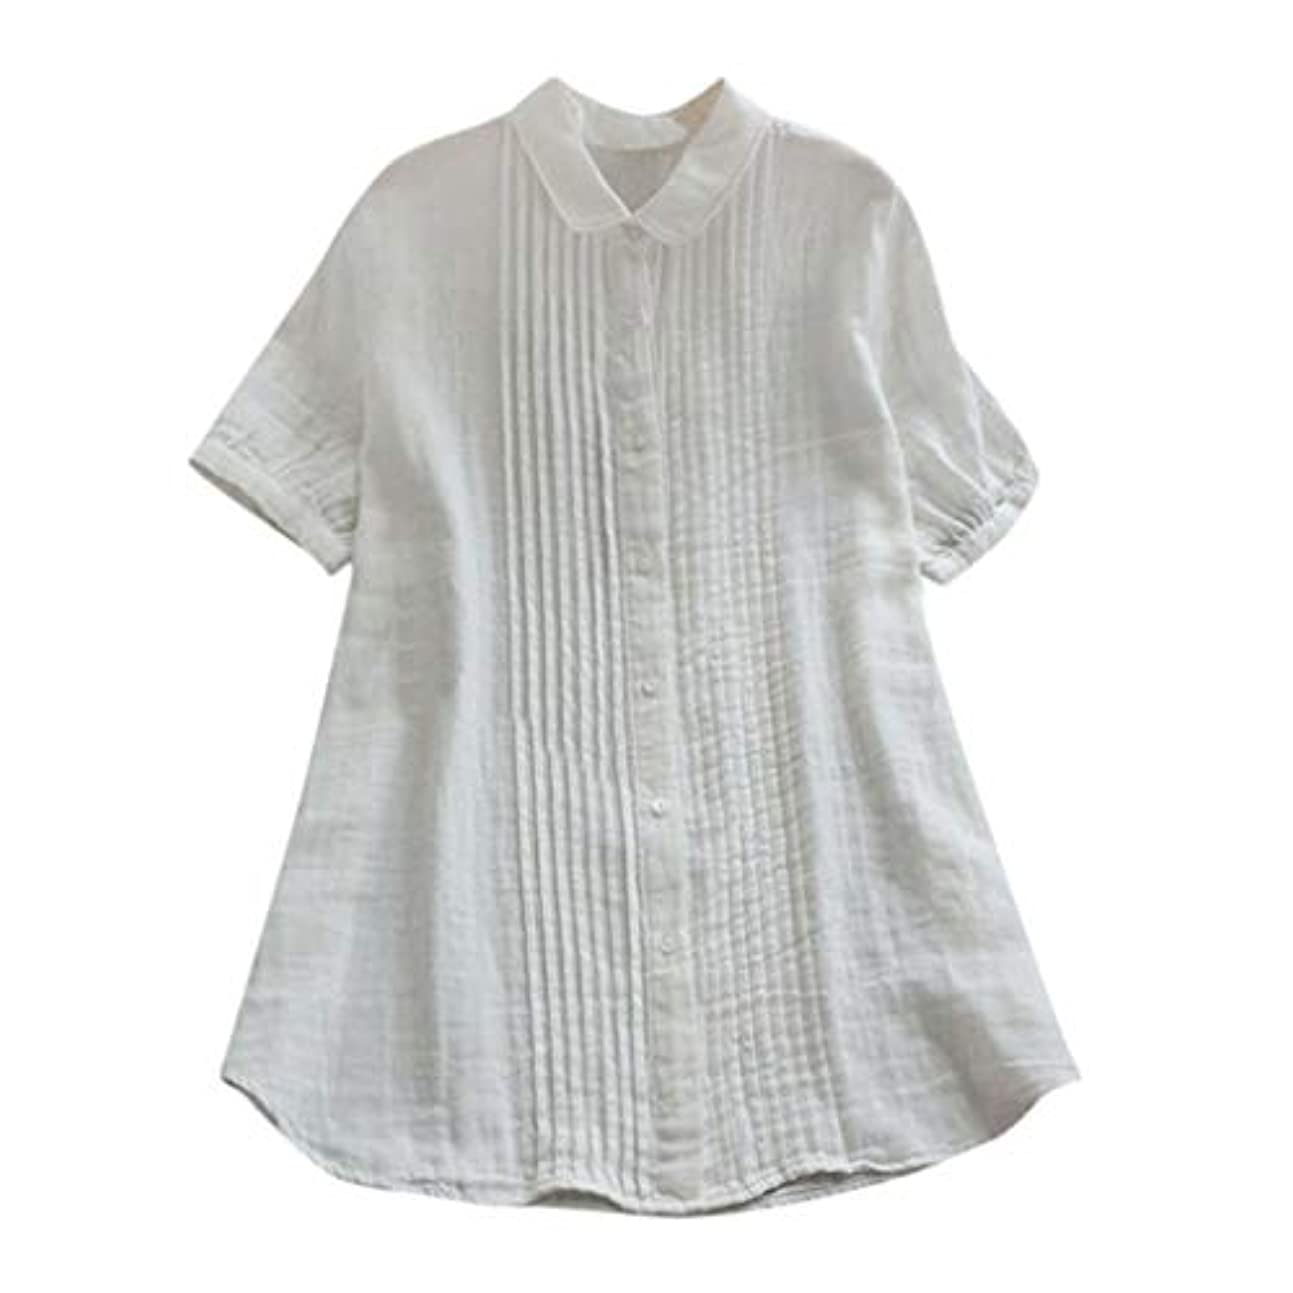 会話型落胆させる国歌女性の半袖Tシャツ - ピーターパンカラー夏緩い無地カジュアルダウントップスブラウス (白, XL)